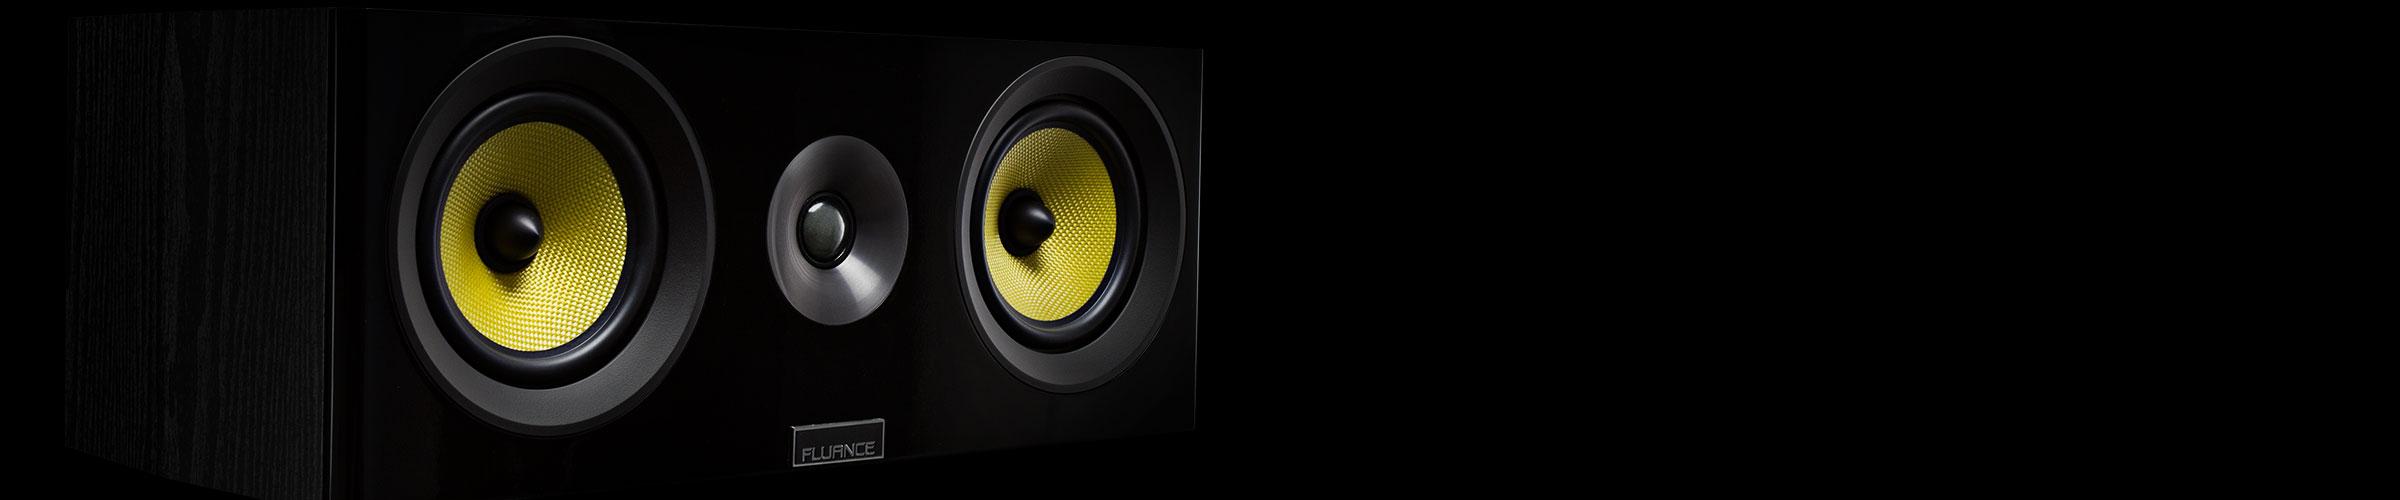 Signature Series Center Channel Speaker sound